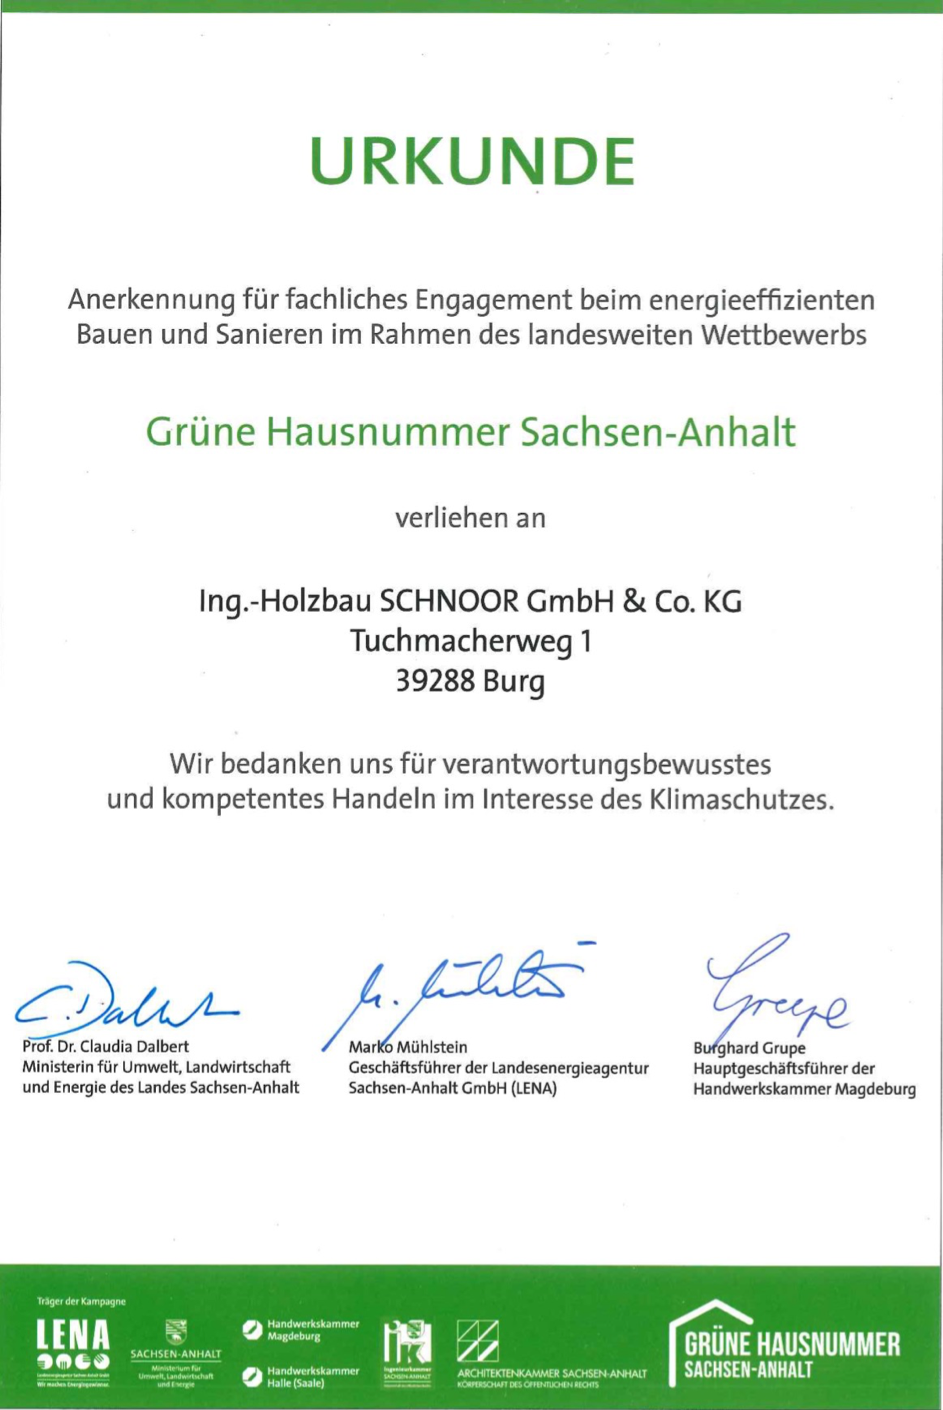 Urkunde Grüne Hausnummer